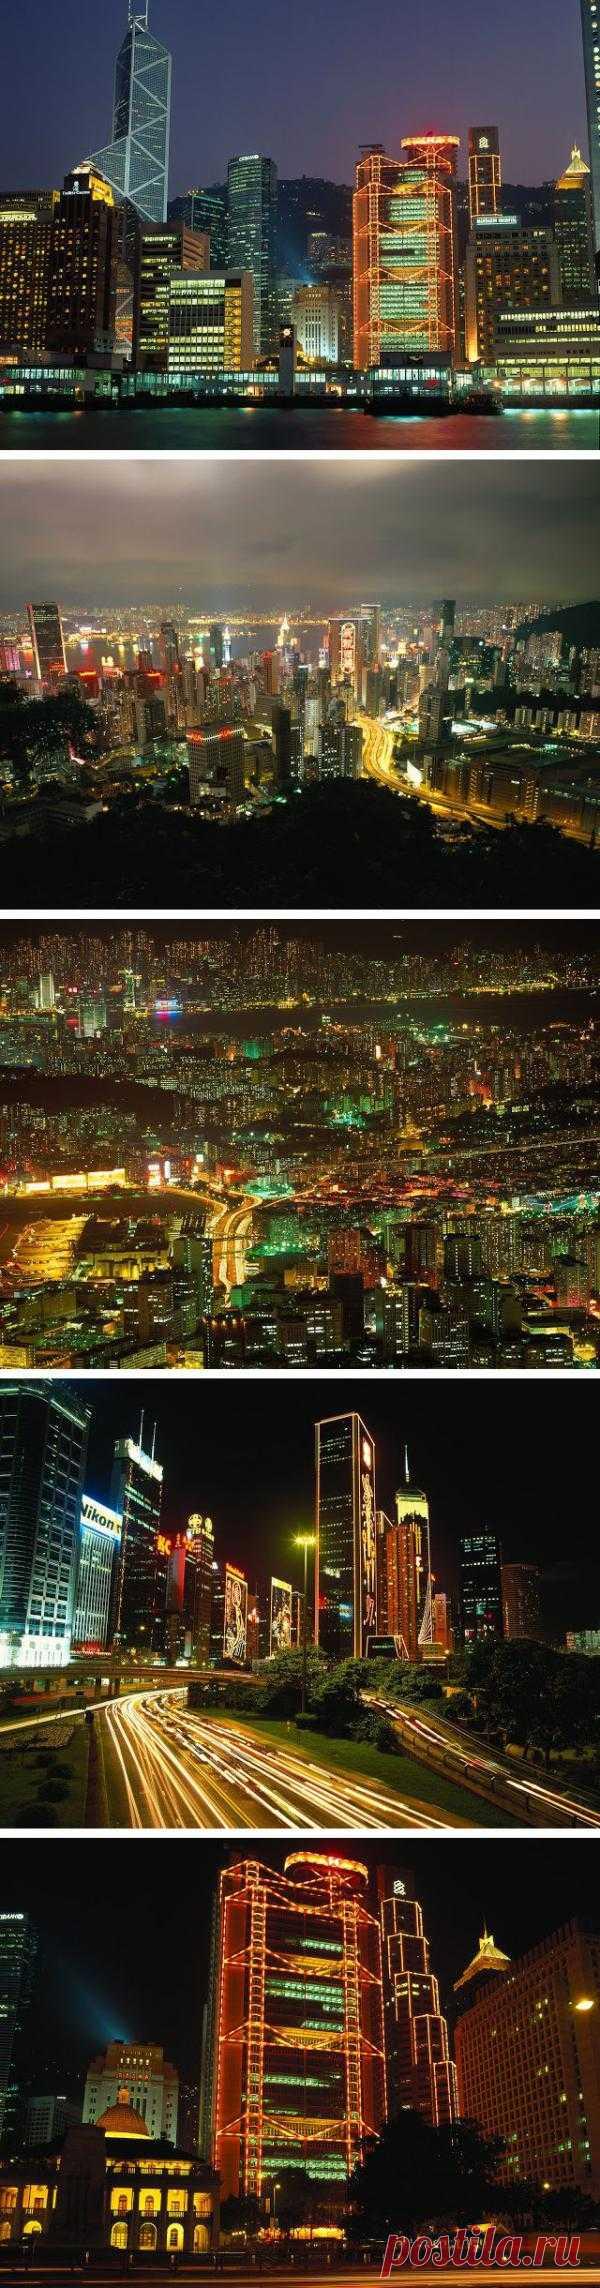 Ночной Гонконг. Гонконг дает возможность  воочию увидеть гармоничное сочетание древних традиций Китая и современного западного образа жизни.